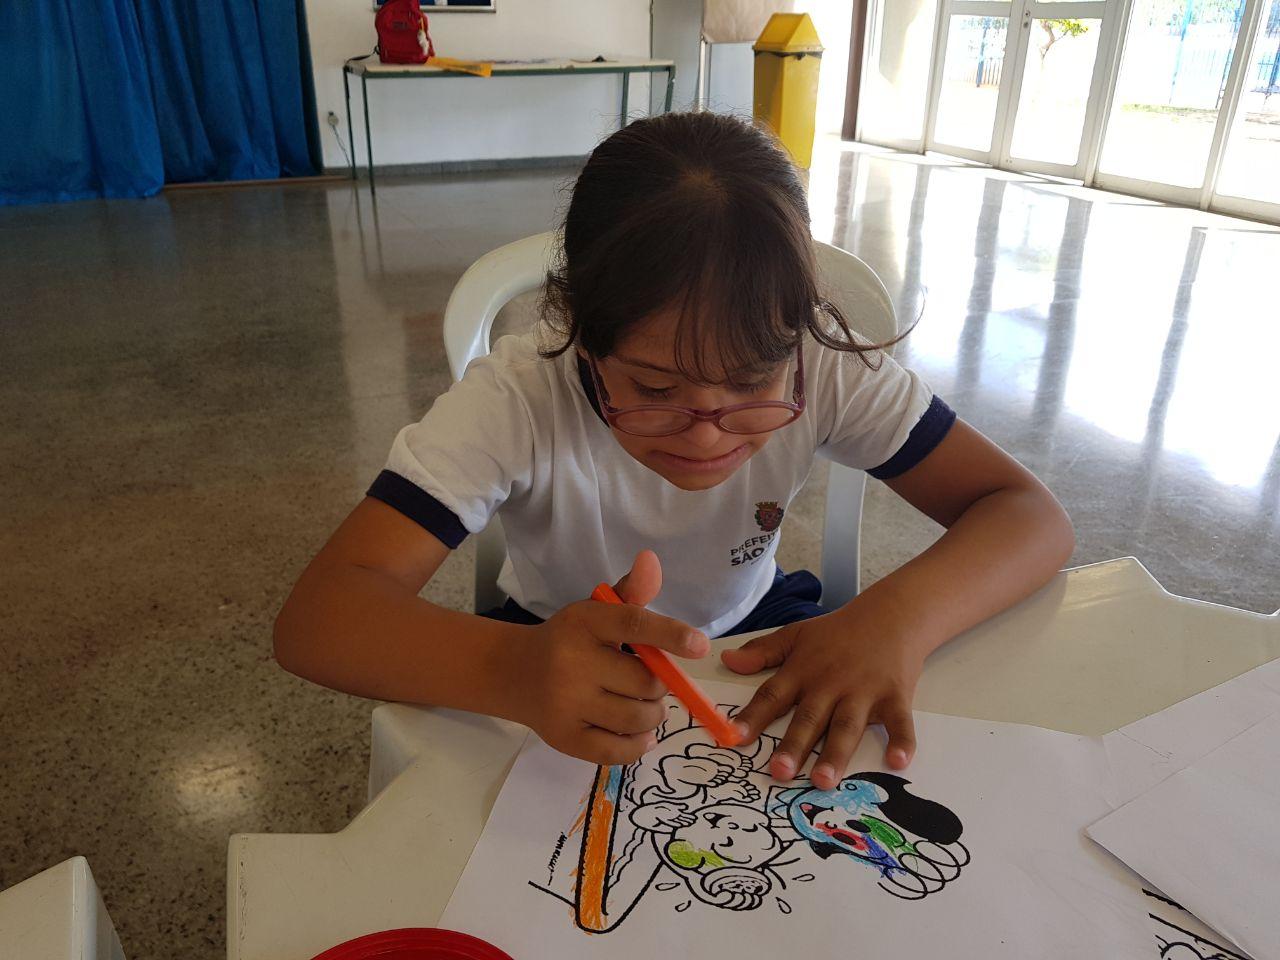 Daniela fez a atividade concentrada. As artes estão a ajudando a desenvolver funções cognitivas importantes | Foto: Polo Cultural